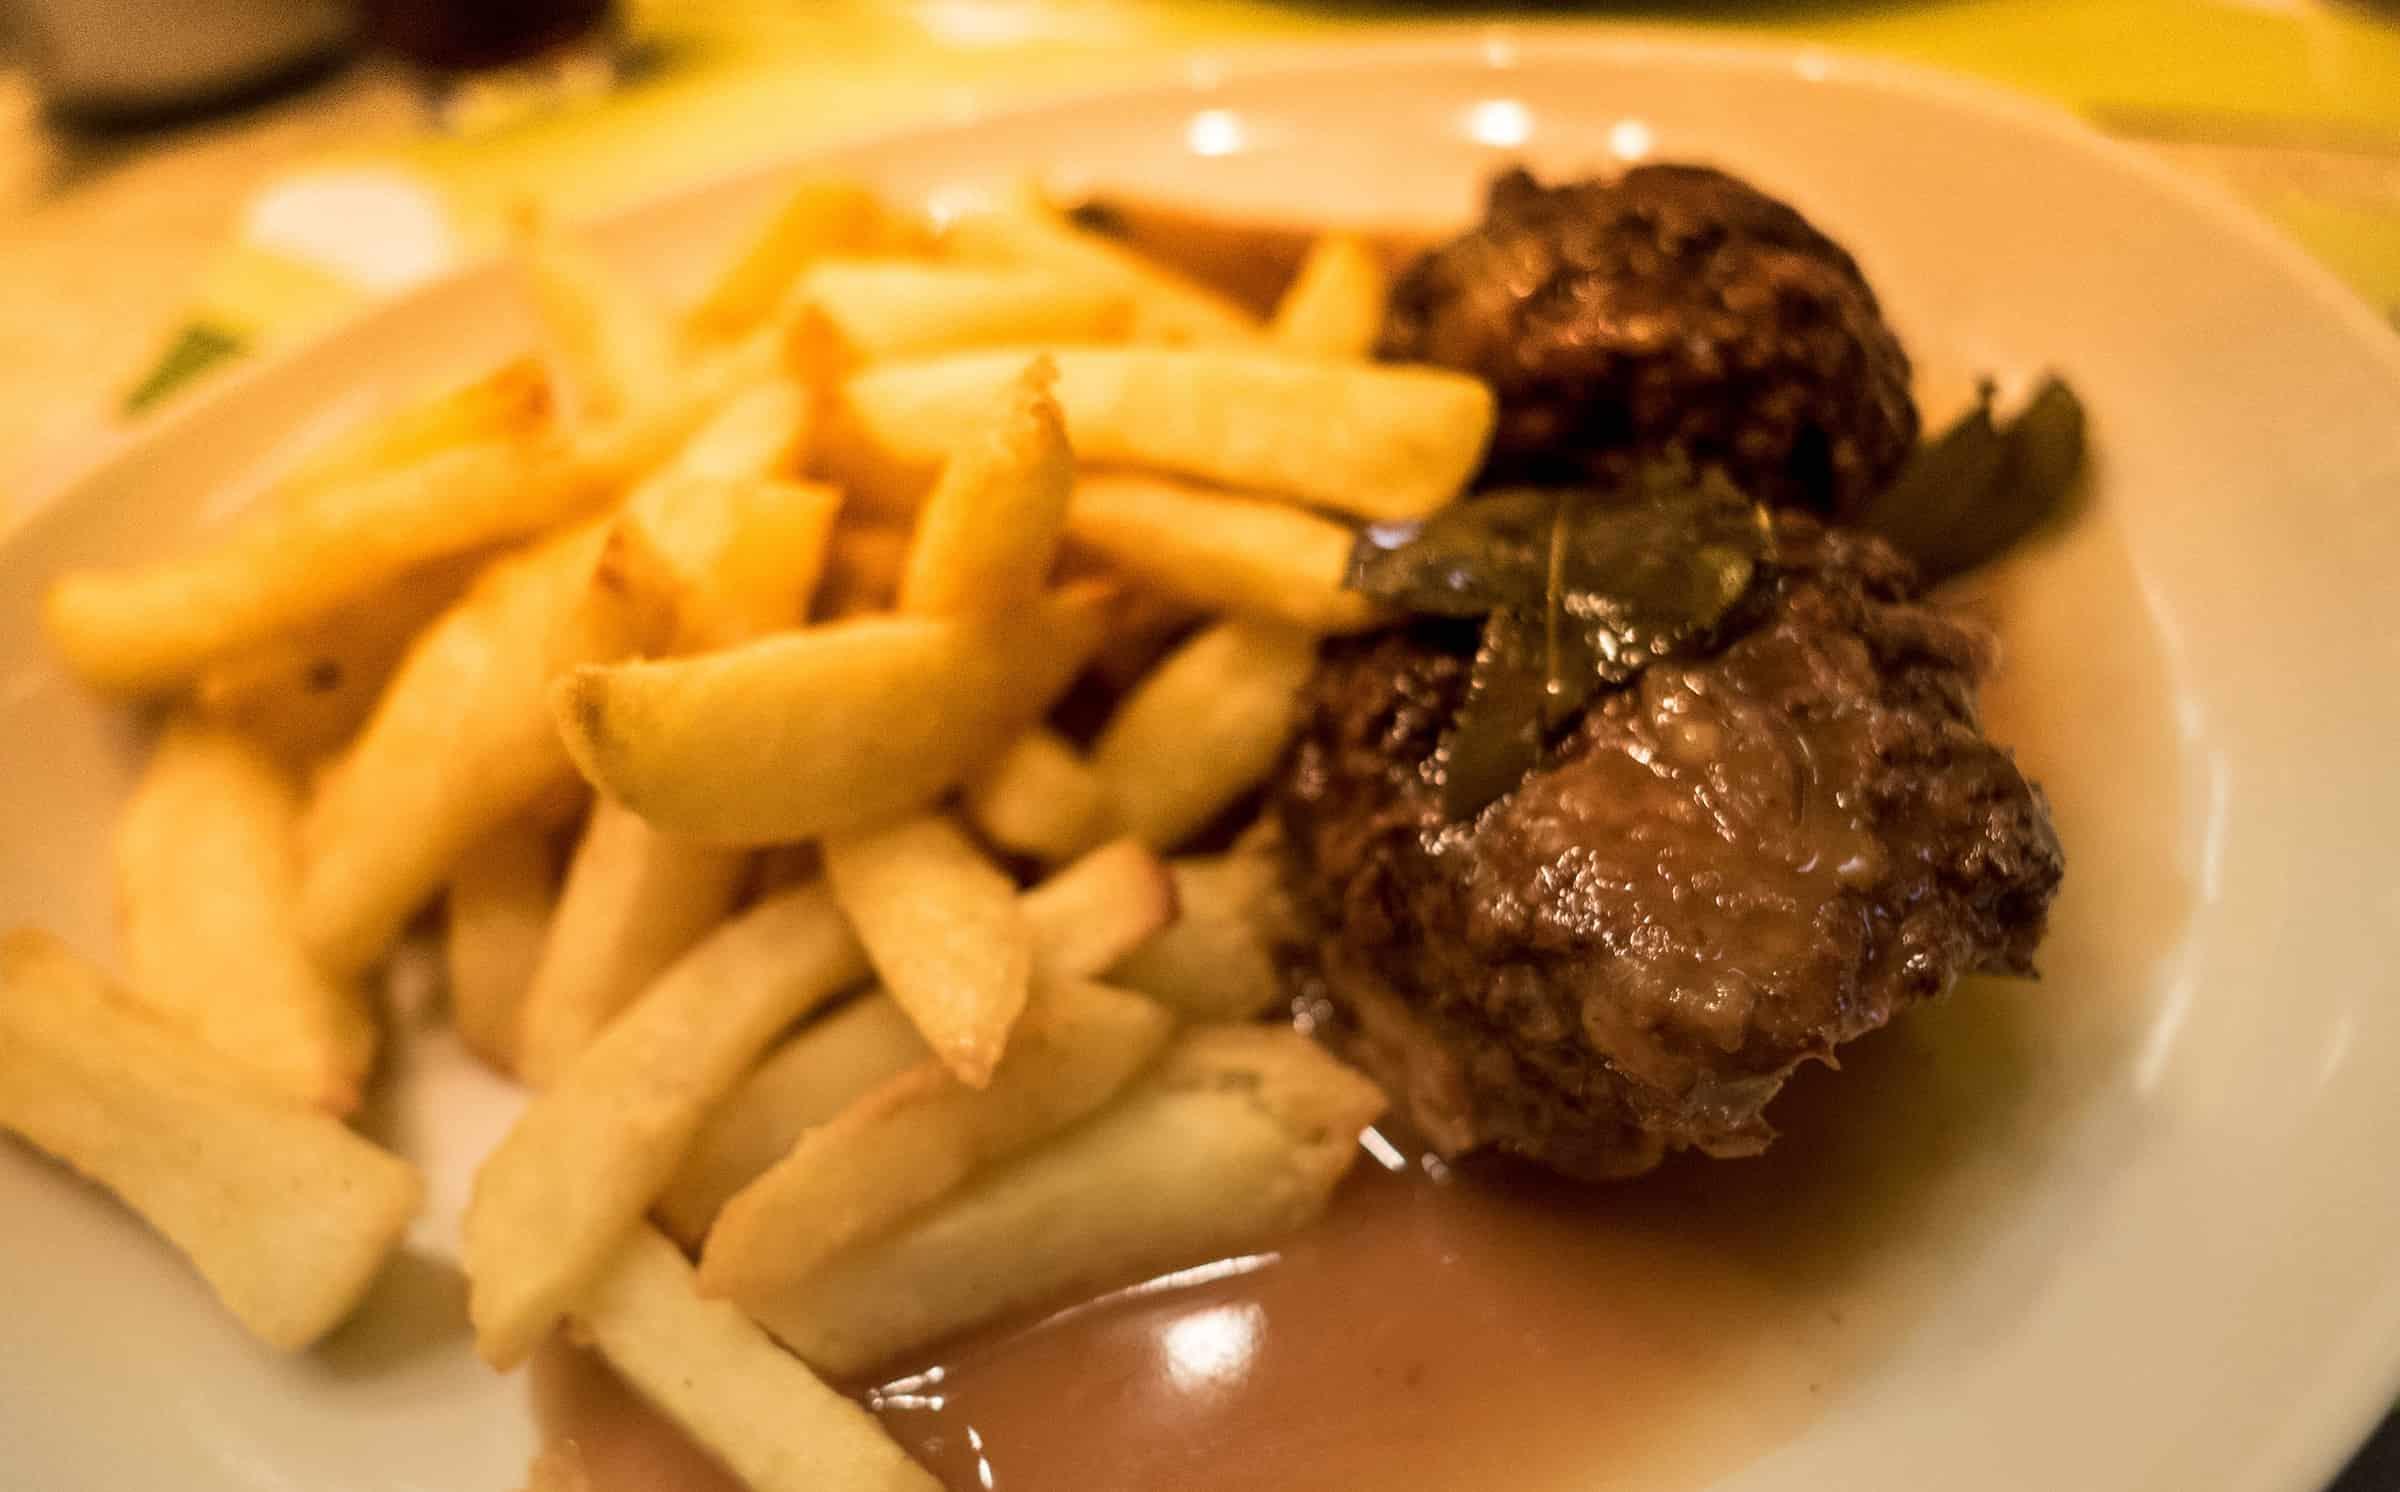 Boulets met friet bij Lequet 1